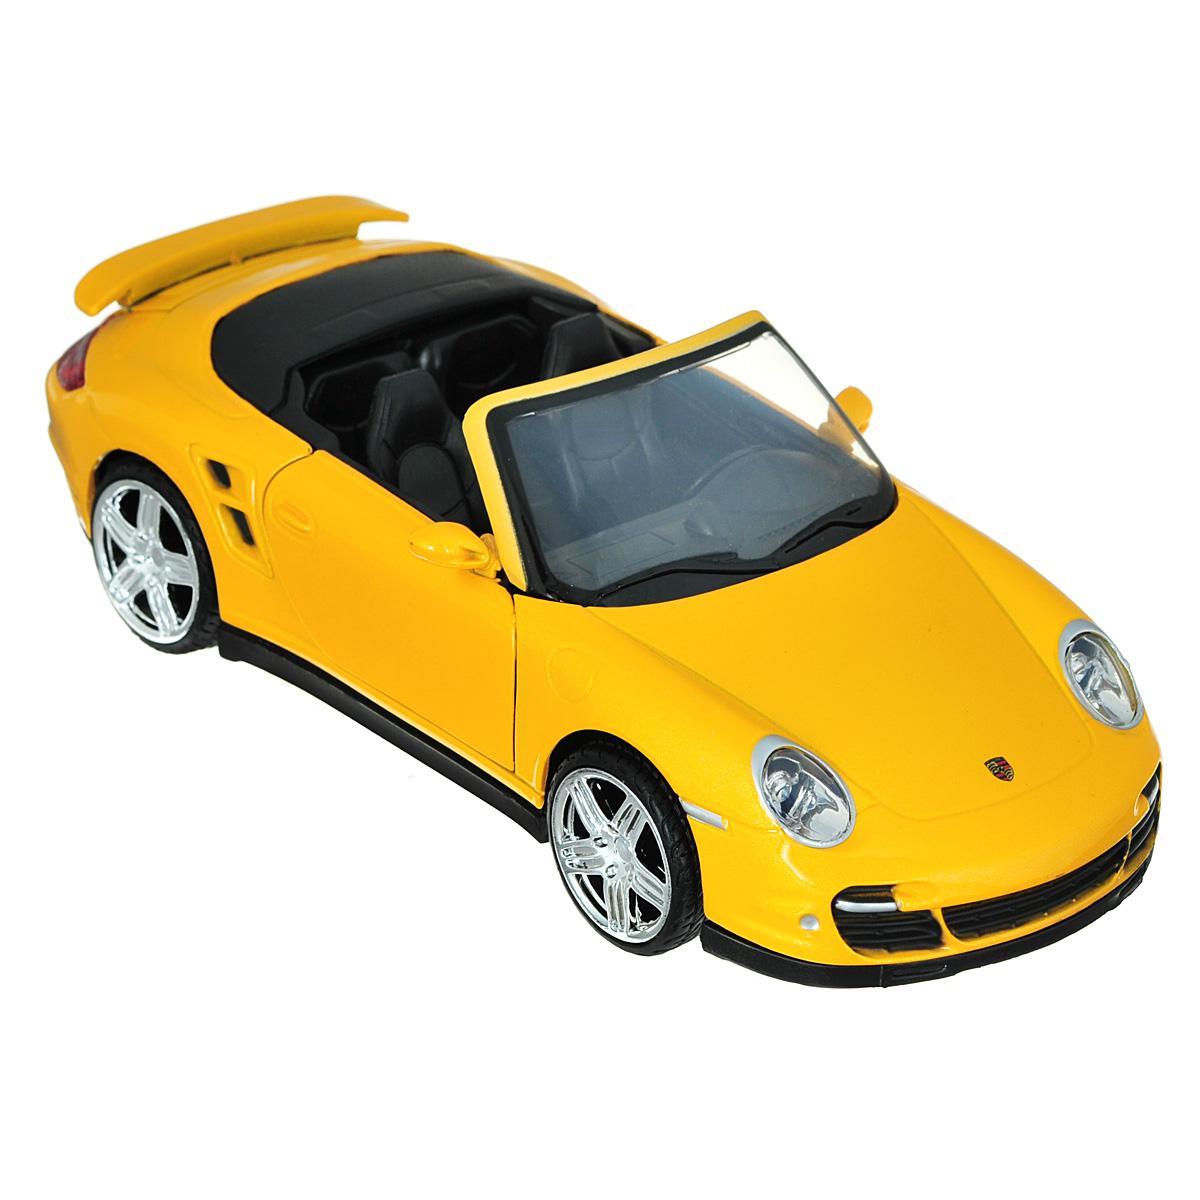 MotorMax Модель автомобиля Porsche 911 Turbo Cabrioletyellow/ast73348Коллекционная модель MotorMax Porsche 911 Turbo Cabriolet станет хорошим подарком для любого ценителя автомобилей. Porsche Turbo 911 Cabriolet - это ожившая классика, оборудованная по последнему слову современной техники. Еще больше комфорта и скорости! Включите этот по-настоящему удивительный автомобиль в свою личную коллекцию с масштабной моделью от MotorMax. Машинка имеет отличную детализацию и является уменьшенной копией настоящей машины. Загляните под капот или в салон, и вы сами убедитесь в этом. У машины открываются двери и капот, а также вращаются колеса. Корпус из литого металла обеспечивает модели долгий срок службы, пластиковые элементы в отделке салона позволяют добиться максимального соответствия прототипу, а резиновые шины на колесах - приятный бонус ко всем прочим достоинствам.